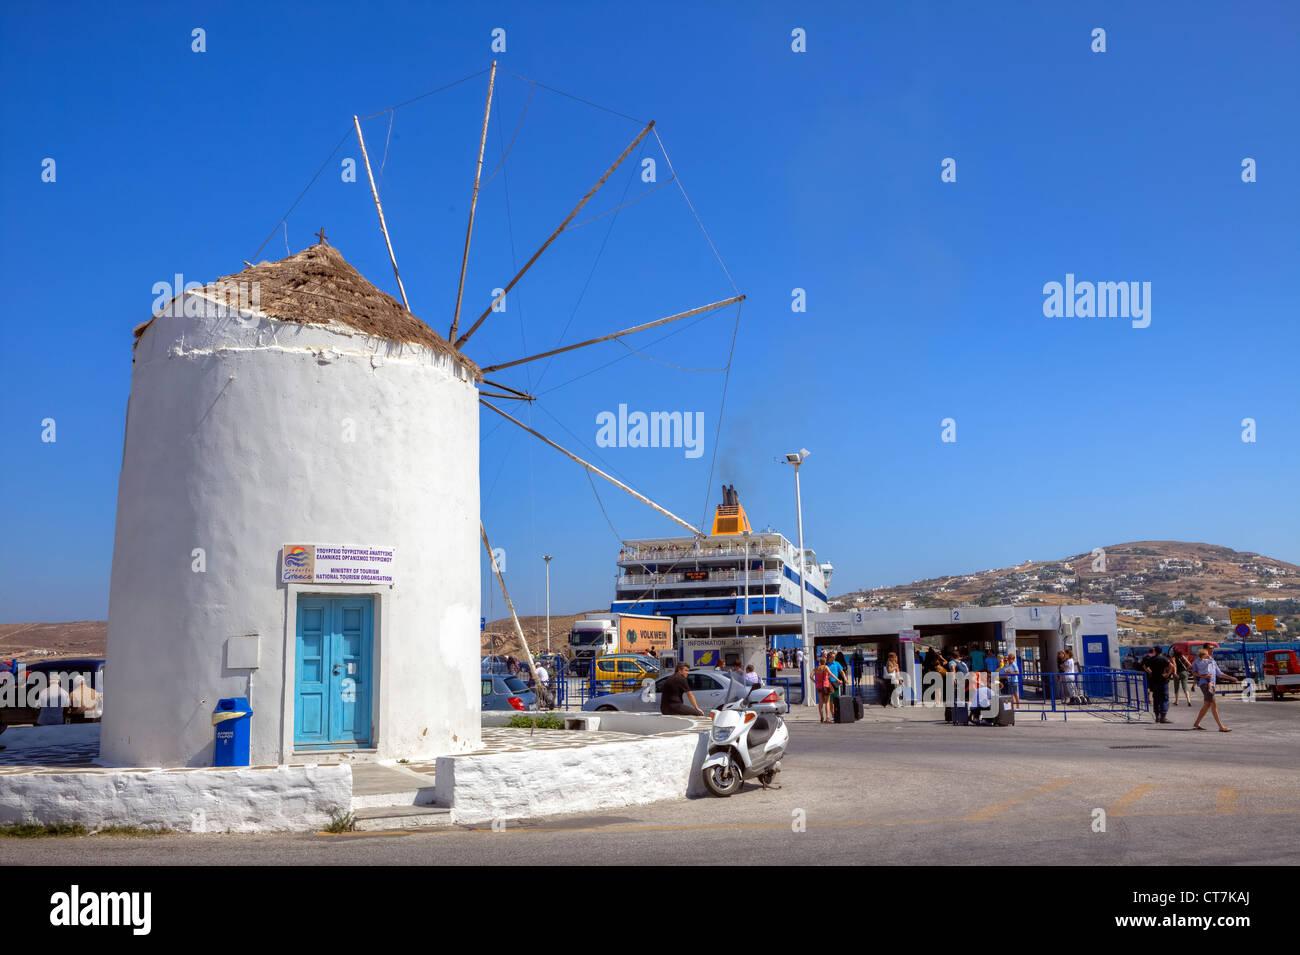 Windmühle in den Hafen von Paros, Kykladen, Griechenland Stockbild